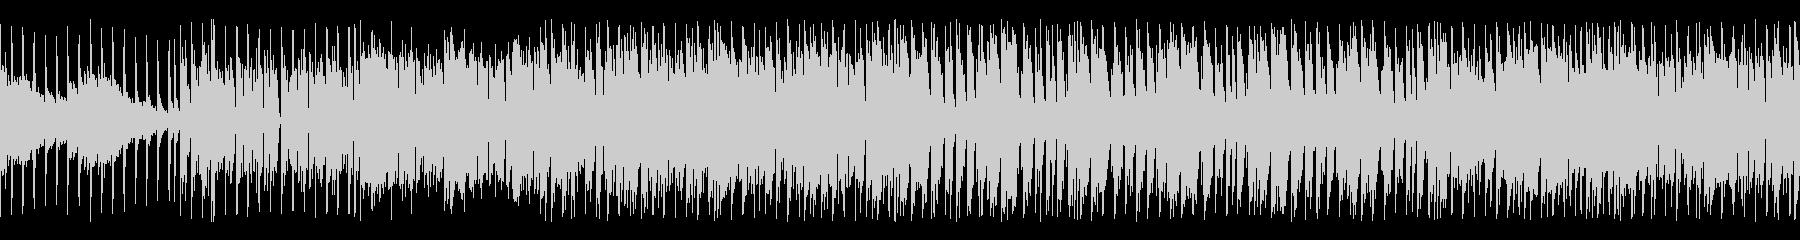 回転キラキラ明るいEDMなBGMループの未再生の波形